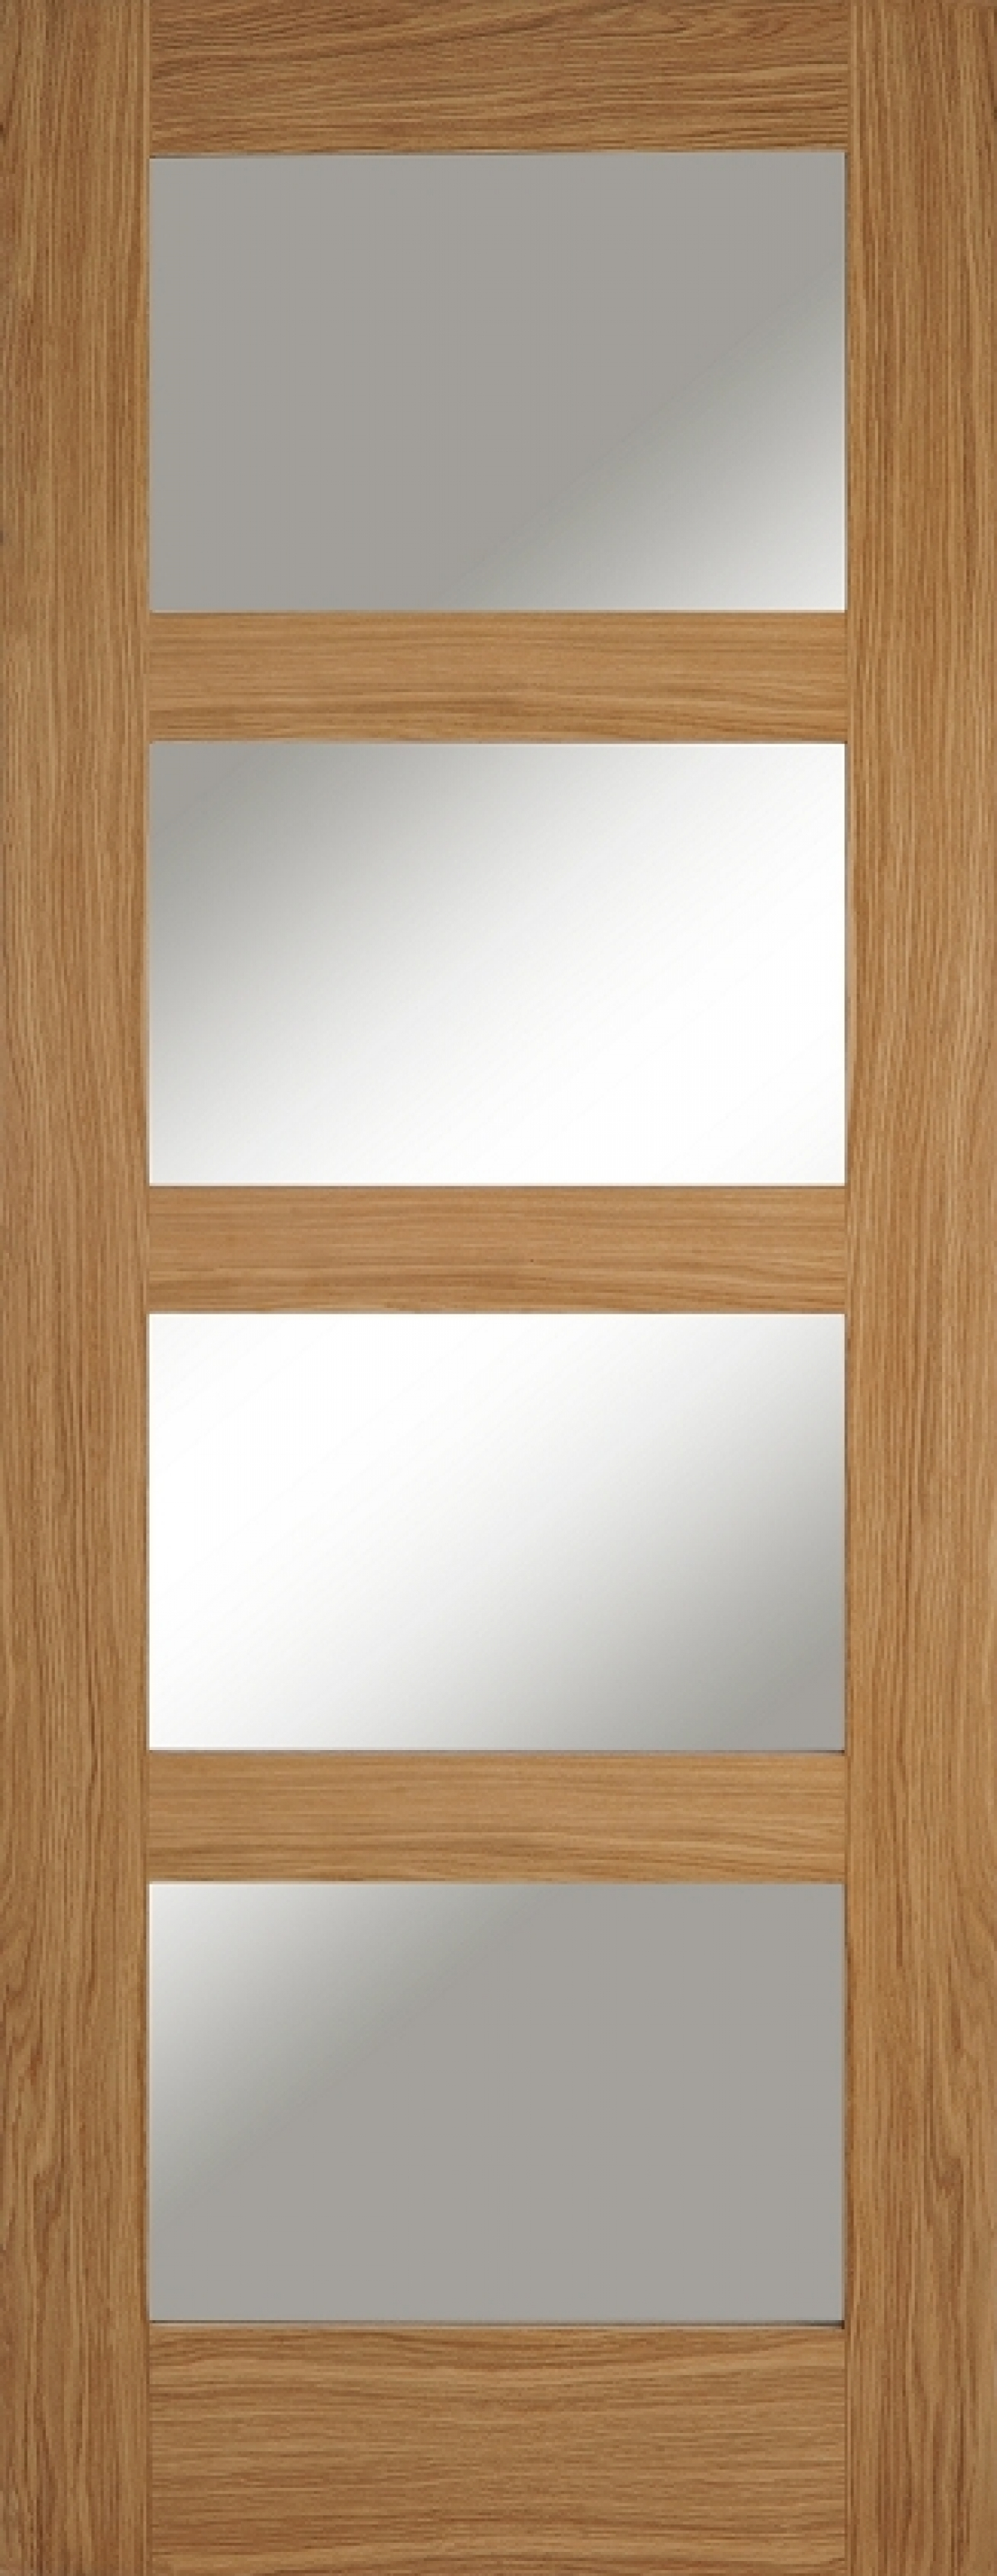 Oak Contemporary 4 Light - PM Mendes